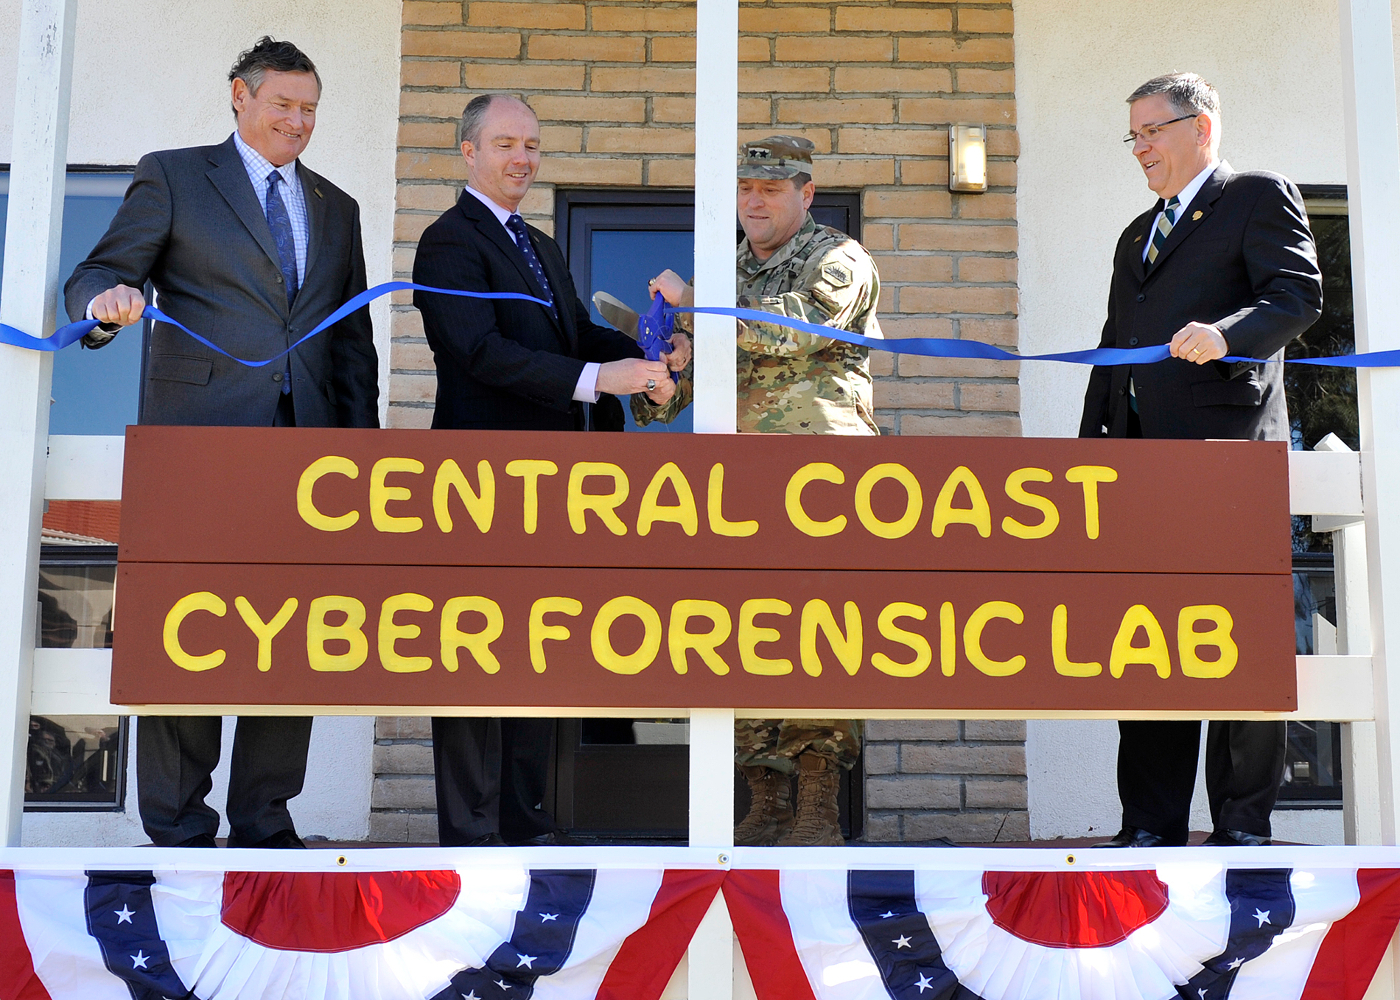 Central Coast Cyber Forensic Lab (CCCFL)